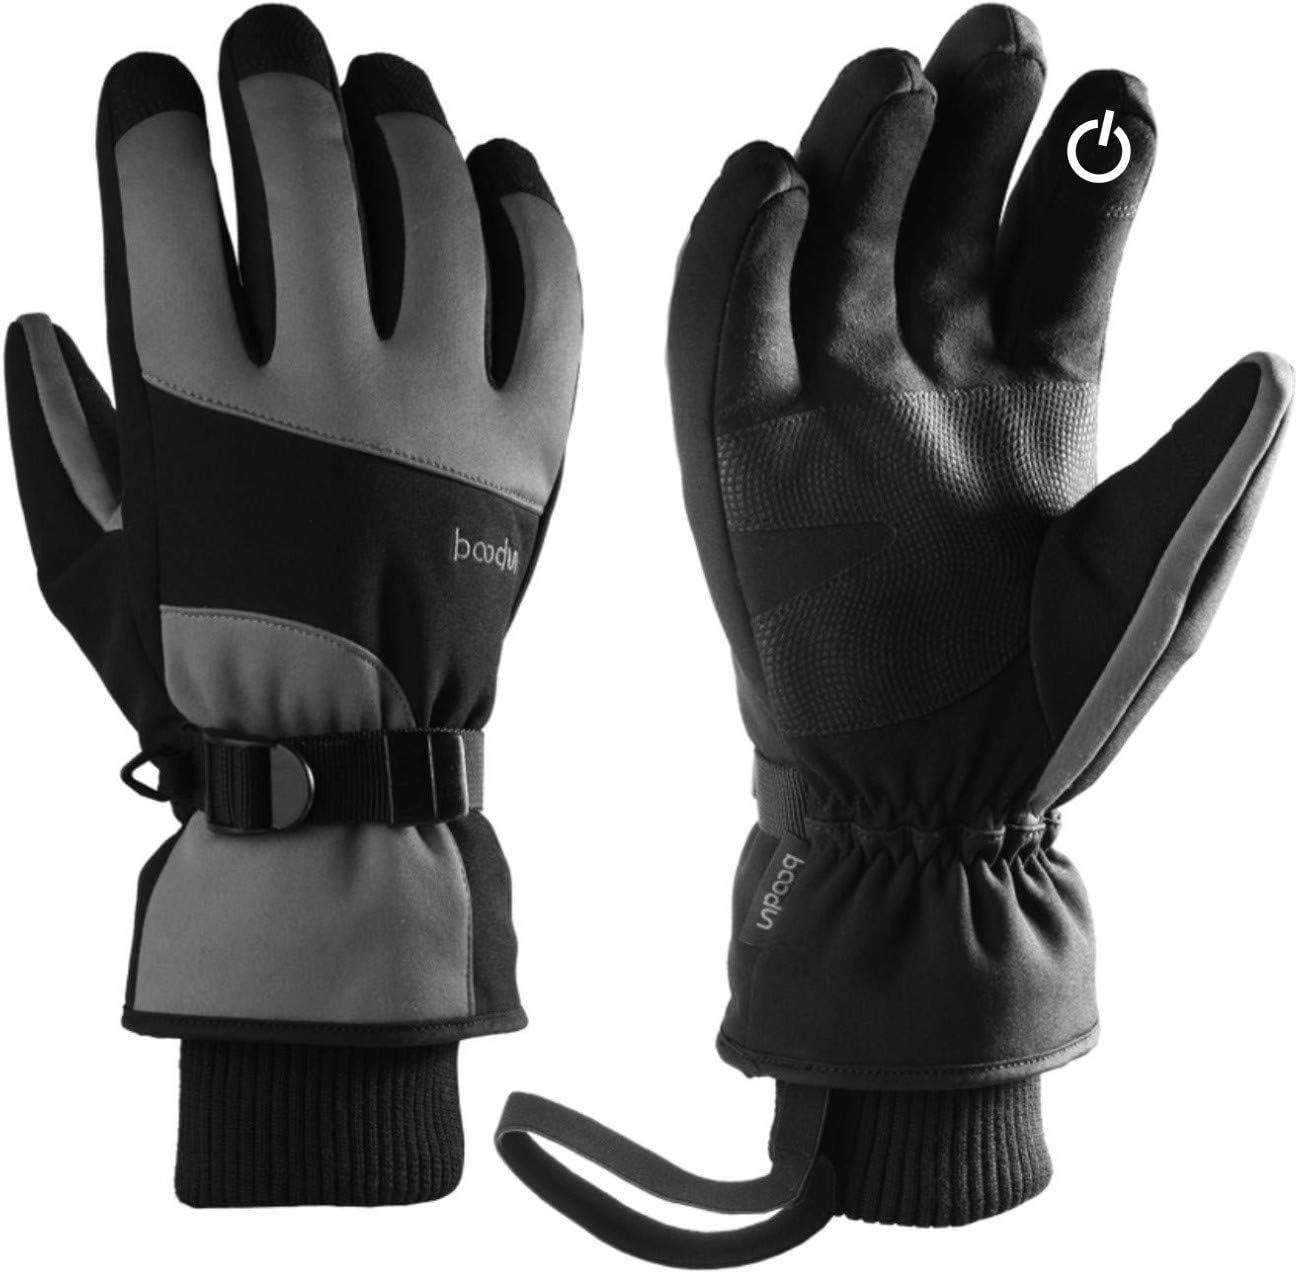 Gants de ski et de neige KINGSBOM imperm/éables 3M Thinsulate hiver chaud /écran tactile Gants de snowboard pour hommes et femmes